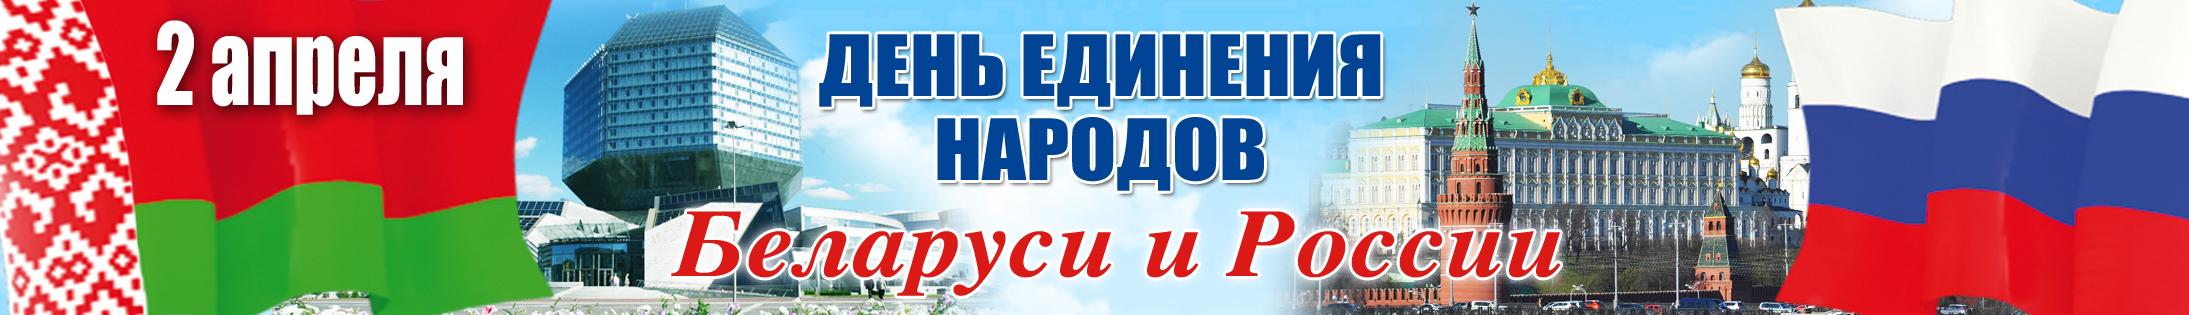 Открытки с днем единения народов россии и беларуси, красивые картинки картинки